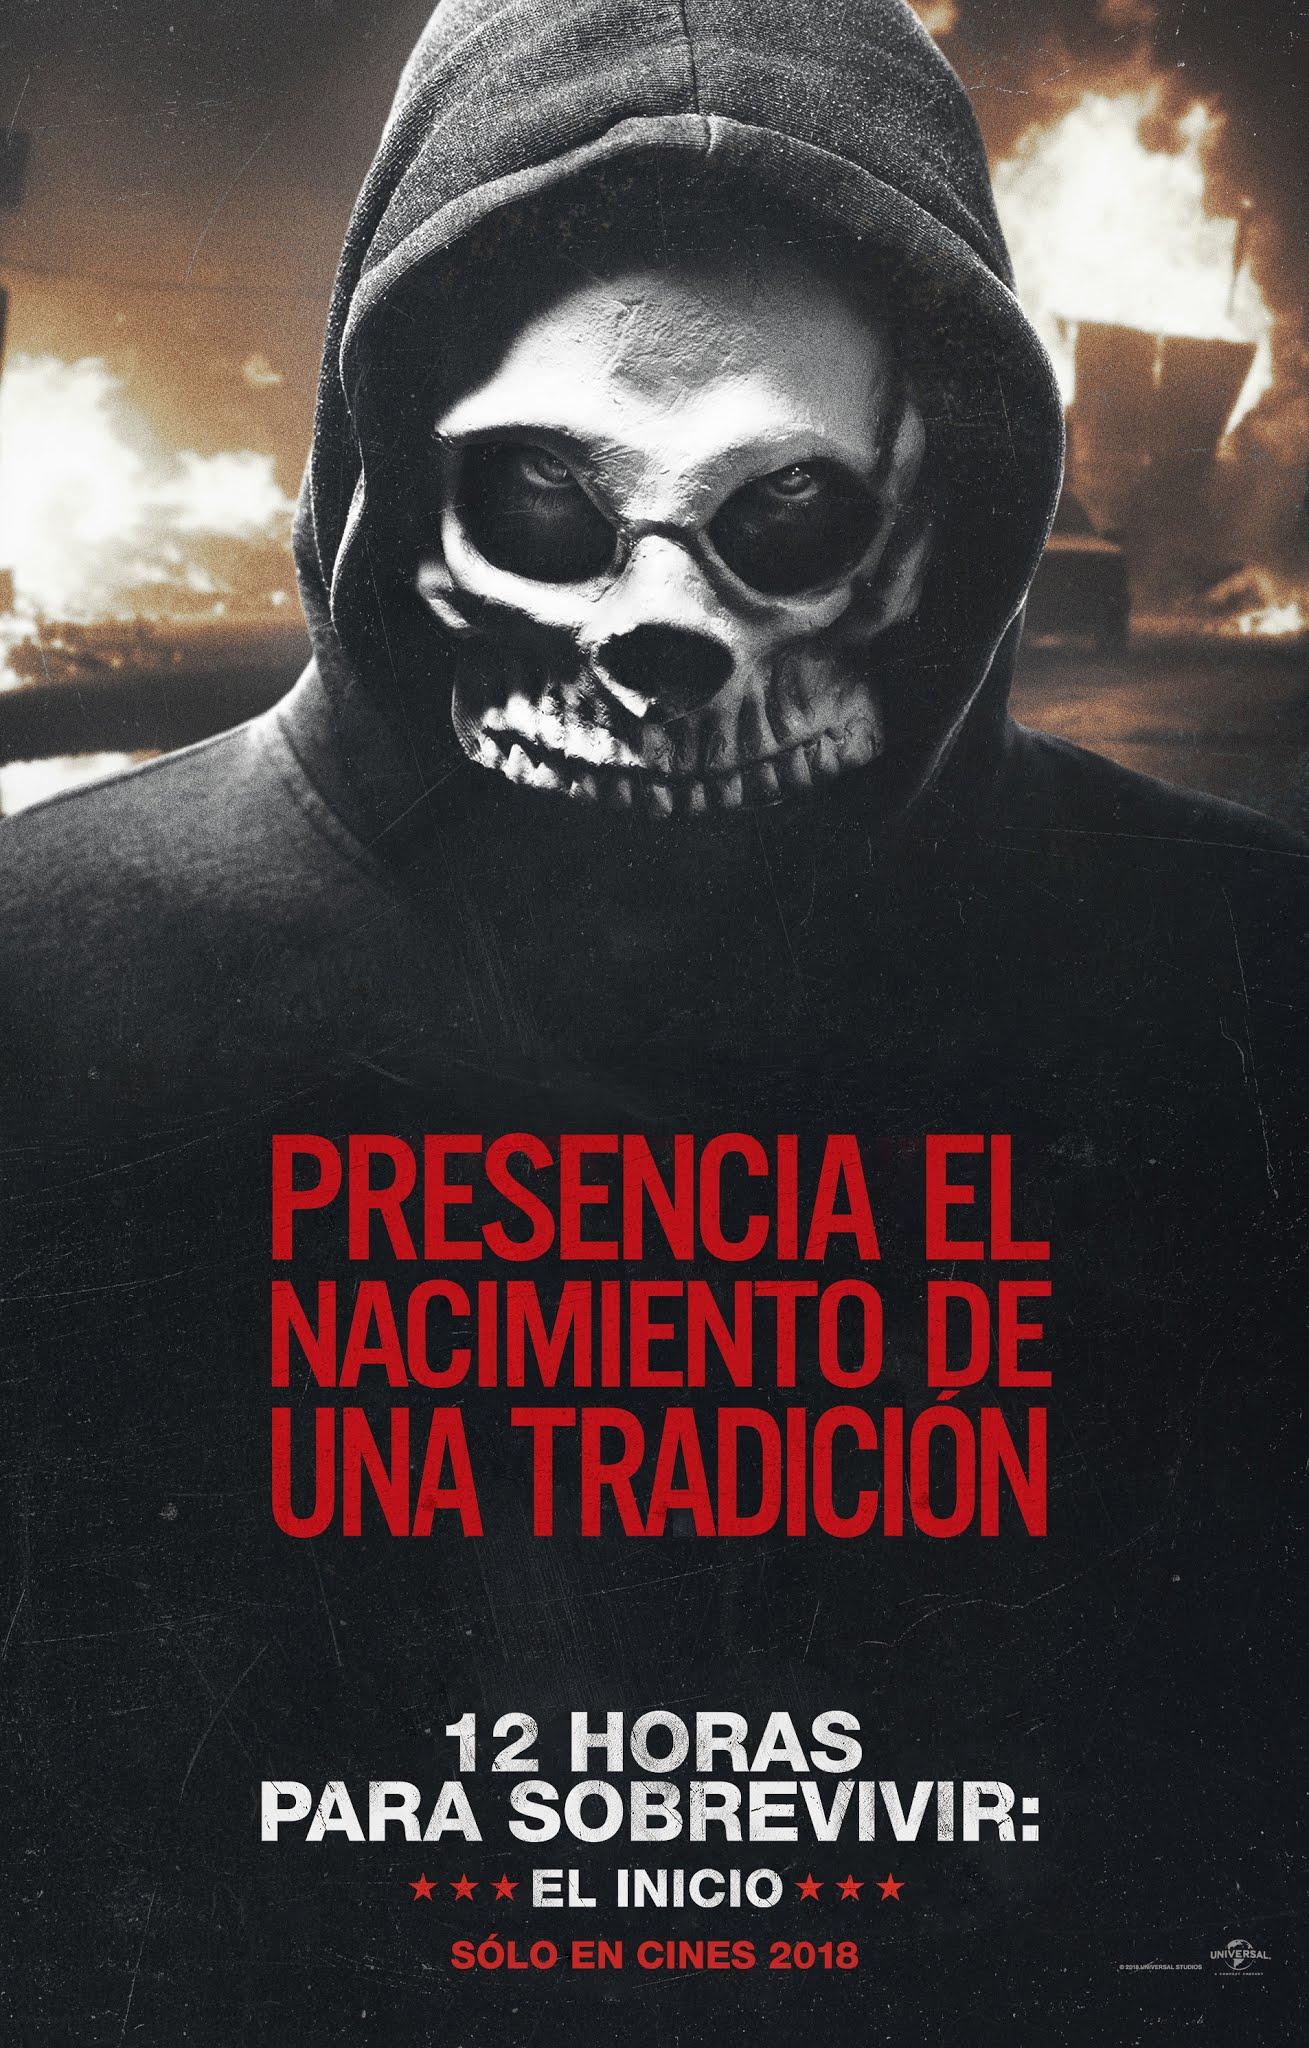 Photo of 12 horas para sobrevivir: El inicio en Cinemark Panamá